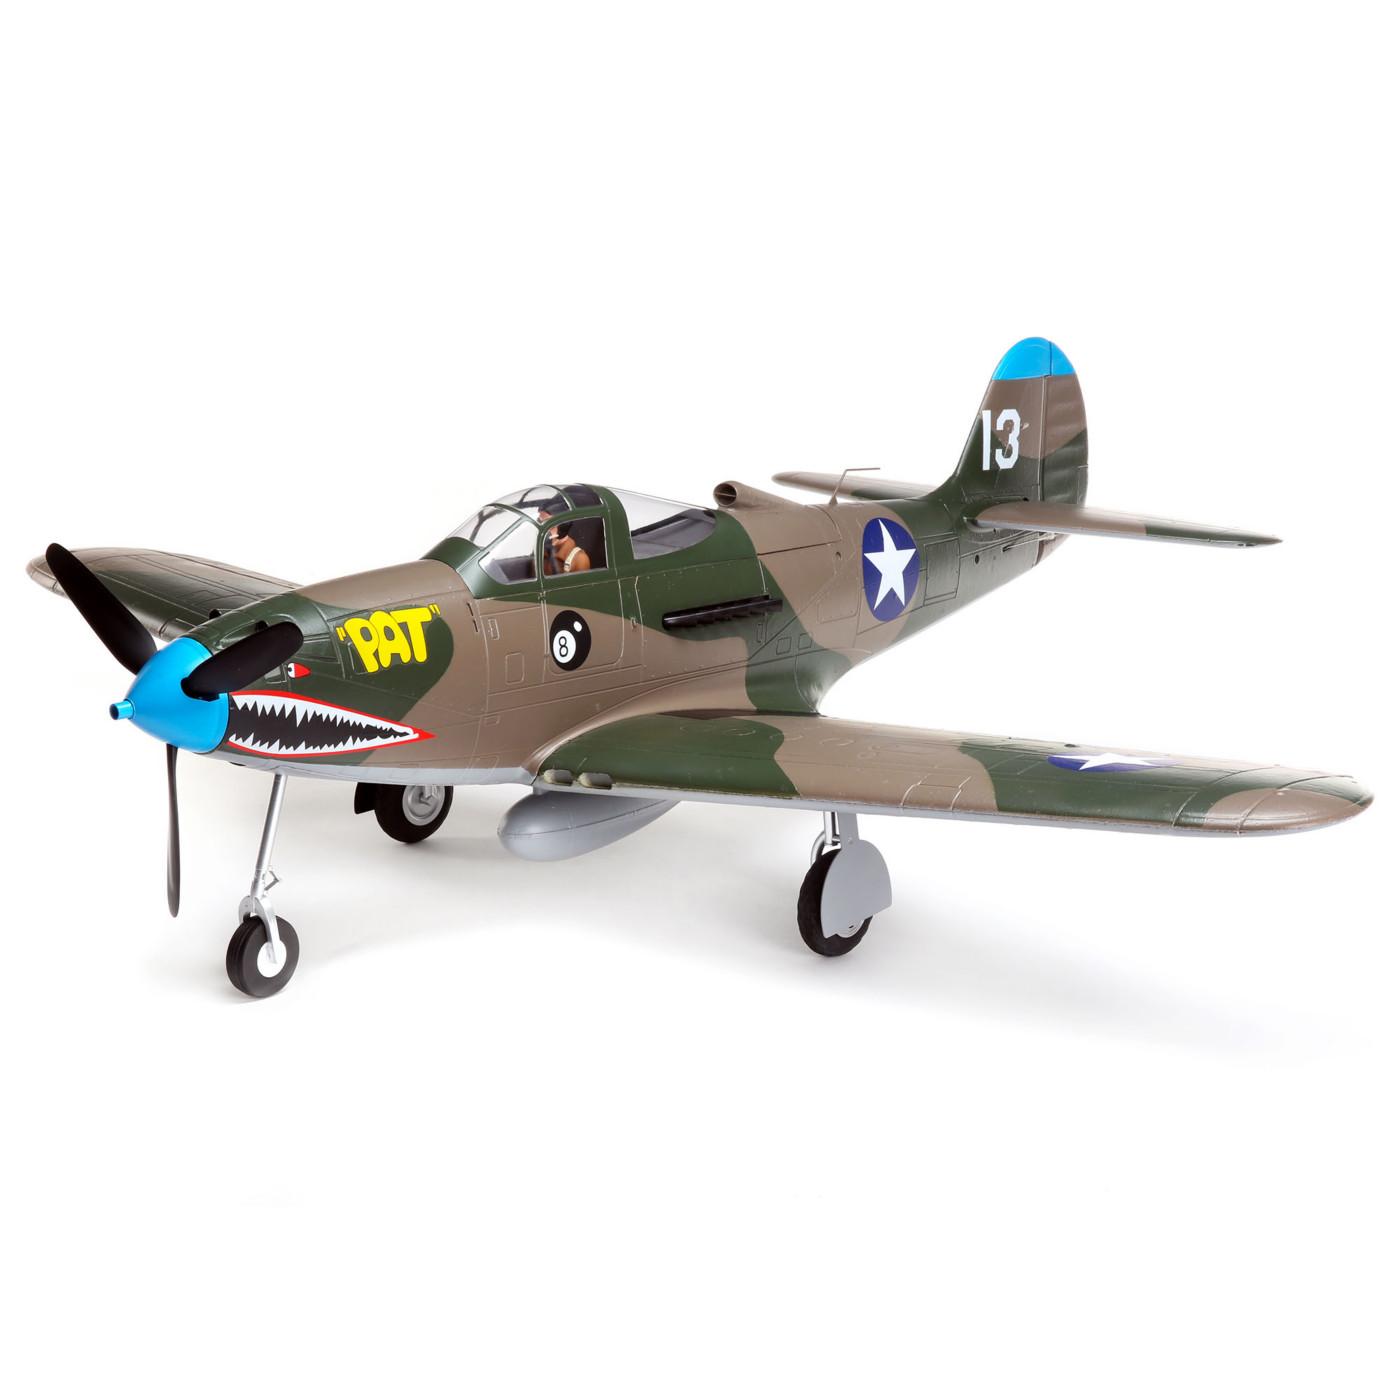 E-flite P-39 Airacobra 1.2m BNF Basic & PNP